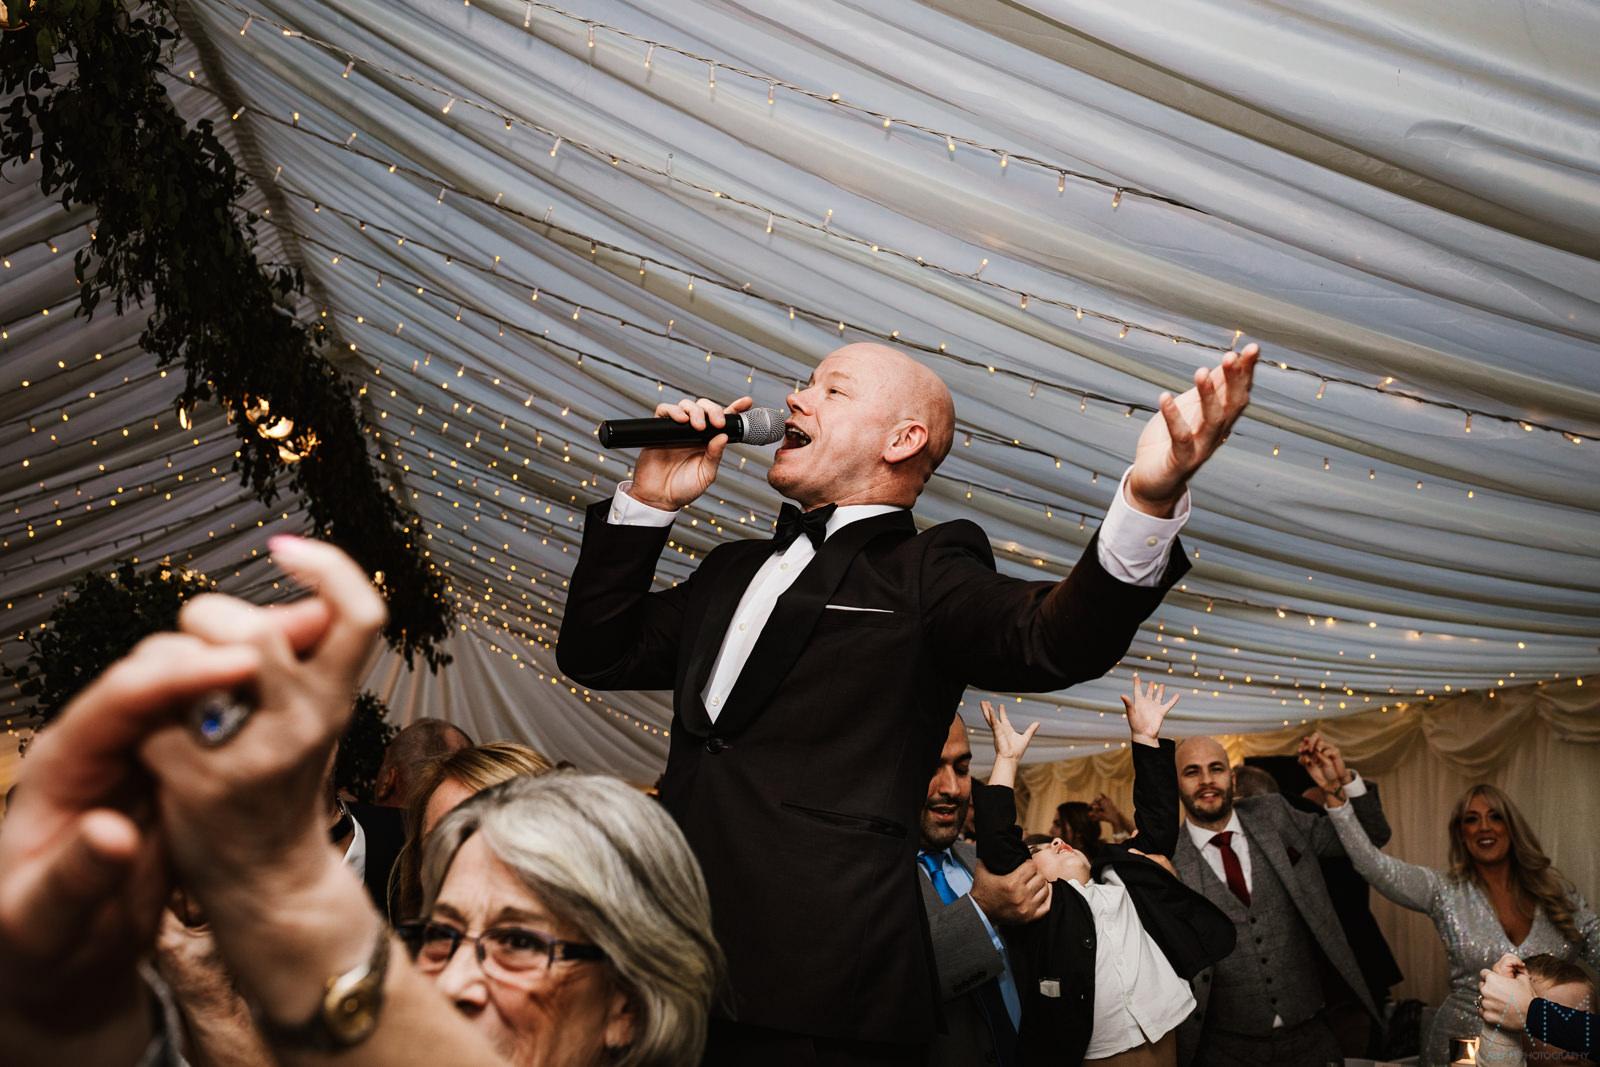 Wedding singer at the Inn at Whitewell